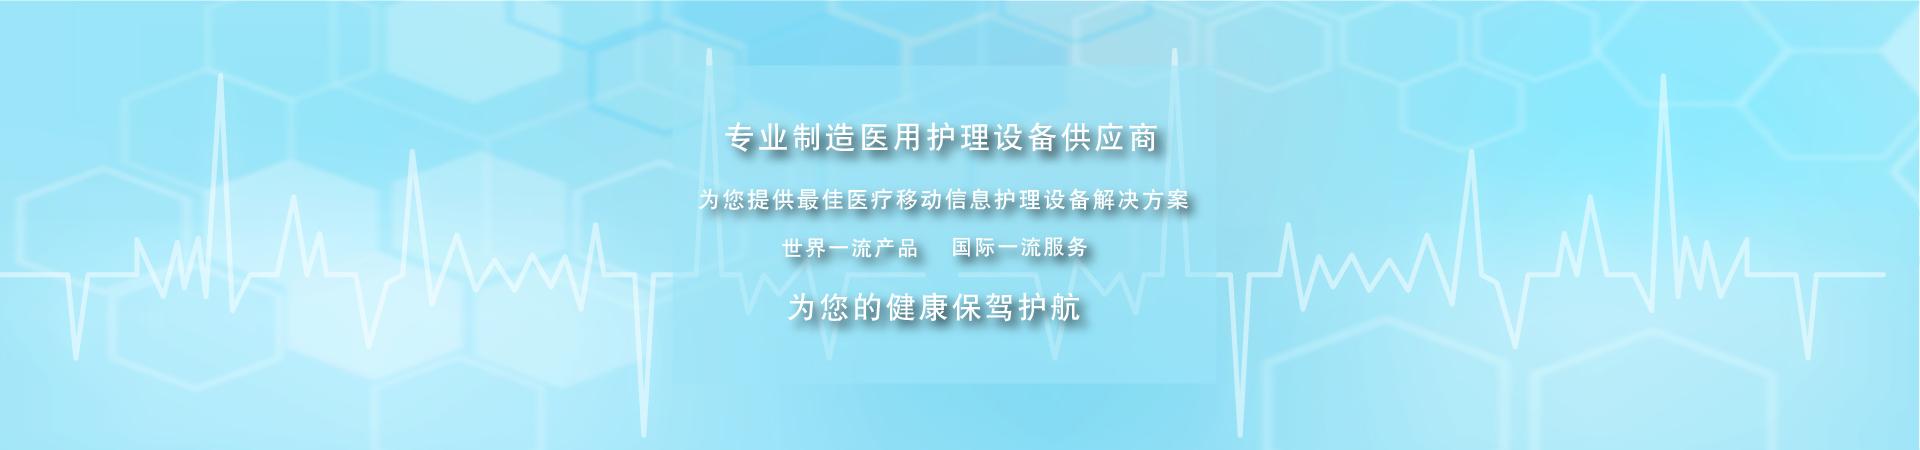 http://www.lyruiwode.cn/data/upload/202006/20200613150659_777.jpg